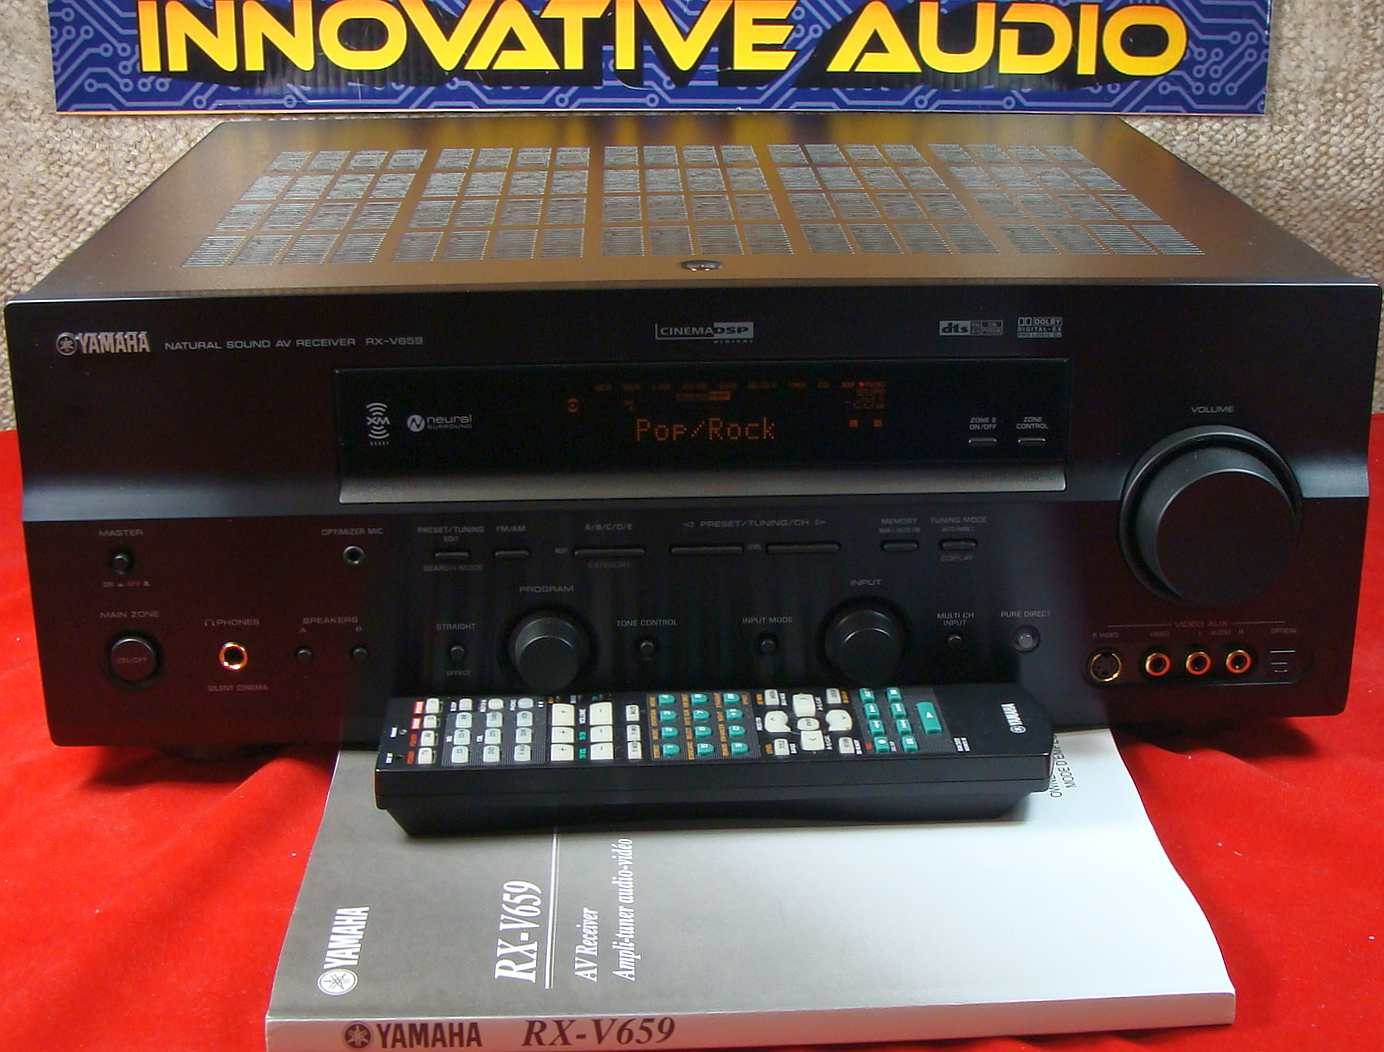 innovative audio yamaha rx v659 front with remote and manual rh iavscanada com yamaha av receiver rx-v659 manual yamaha rx v659 manual